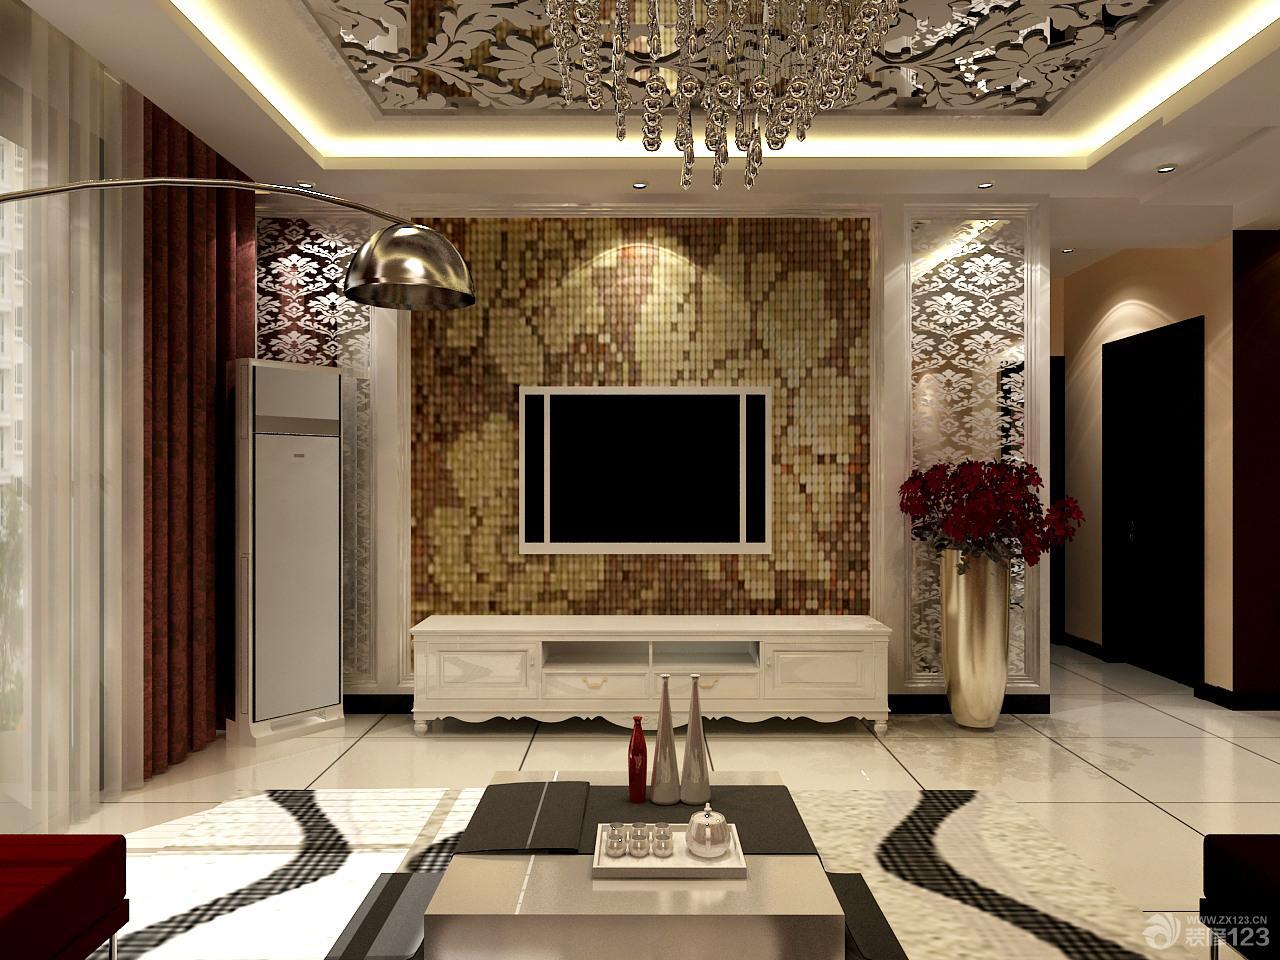 马赛克水银镜喷花电视背景墙效果图